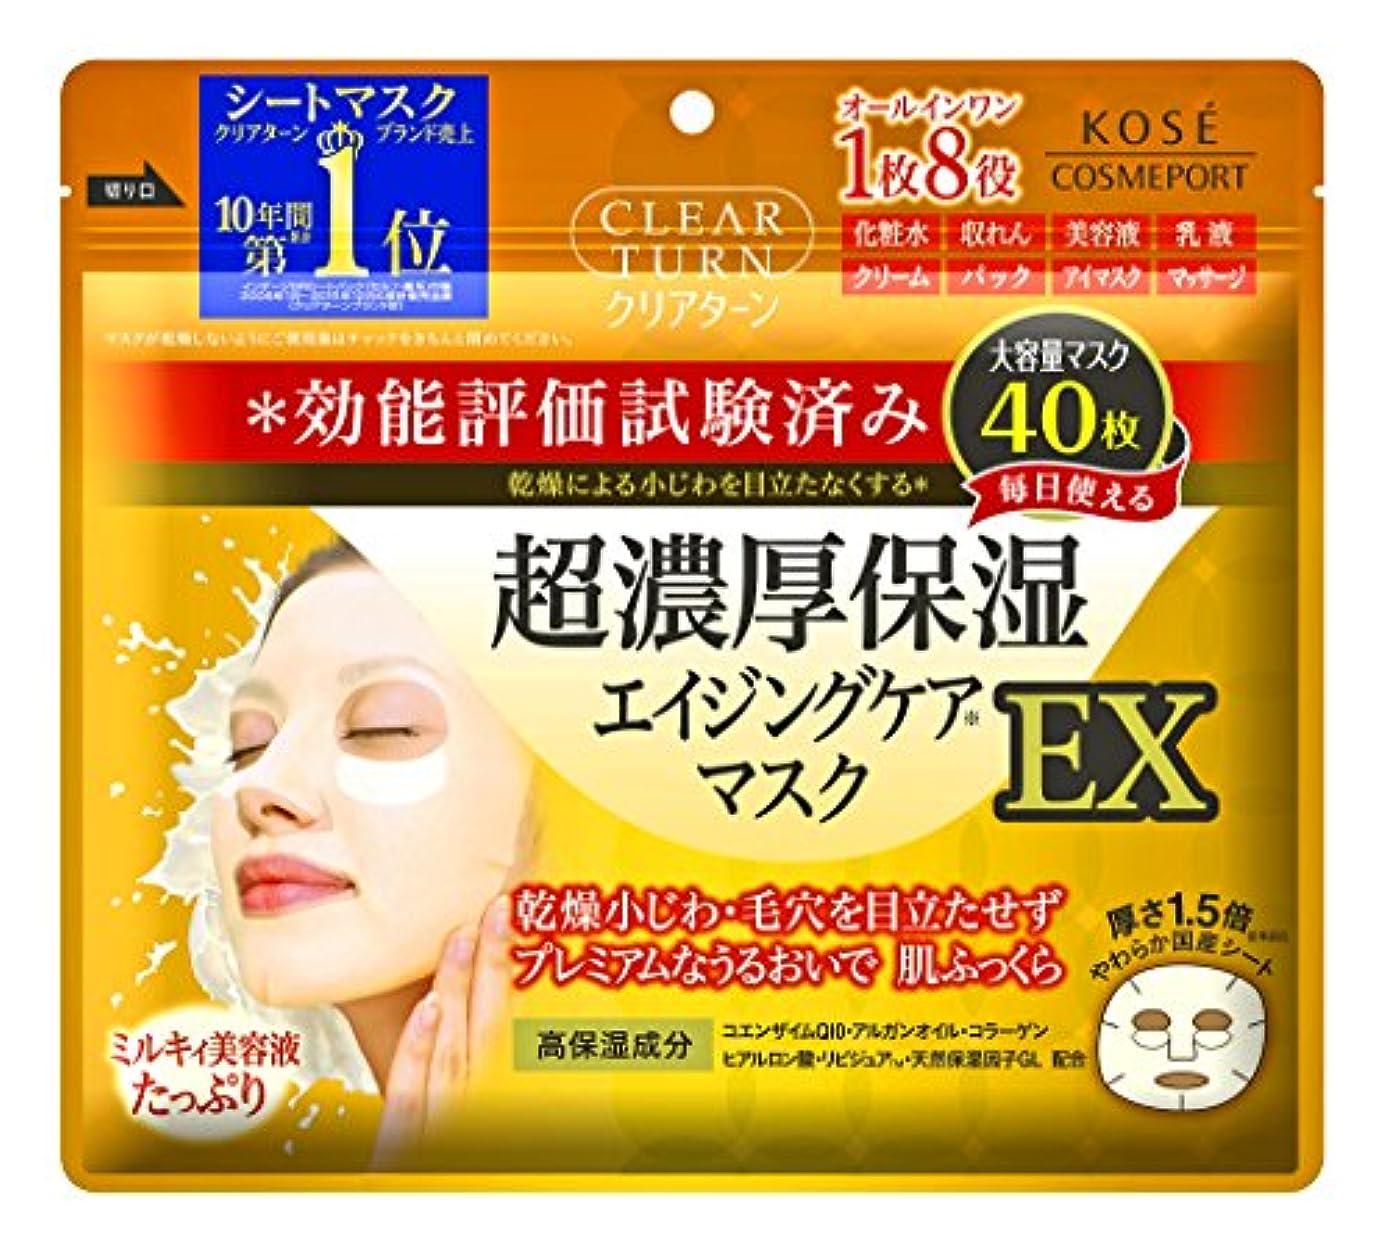 KOSE コーセー クリアターン 超濃厚保湿 フェイスマスク EX 40枚入